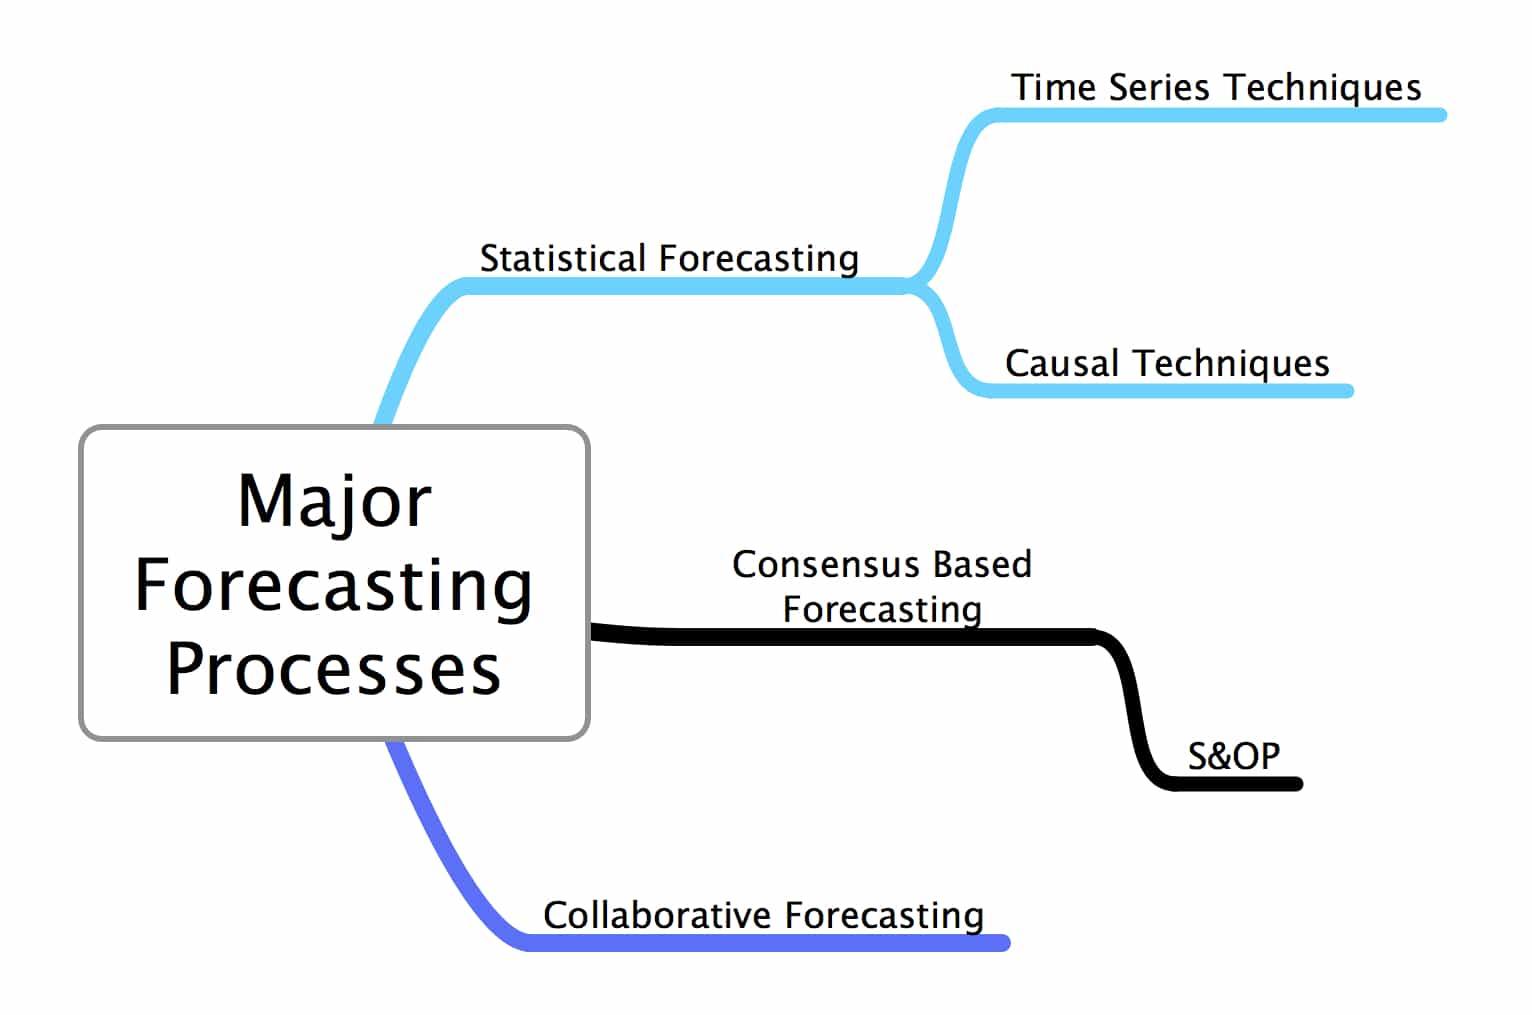 Major Forecasting Processes